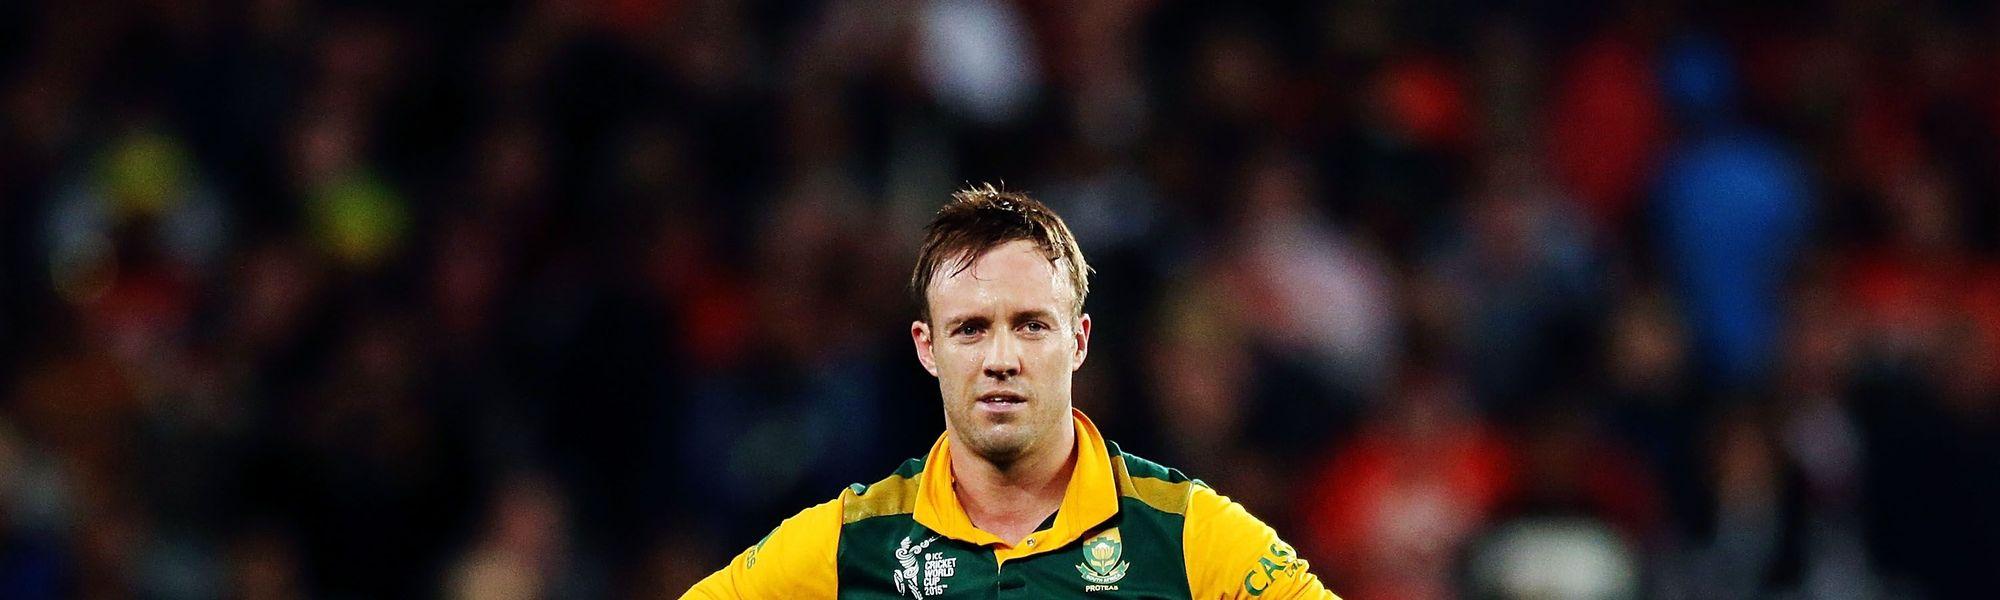 AB de Villiers 2015